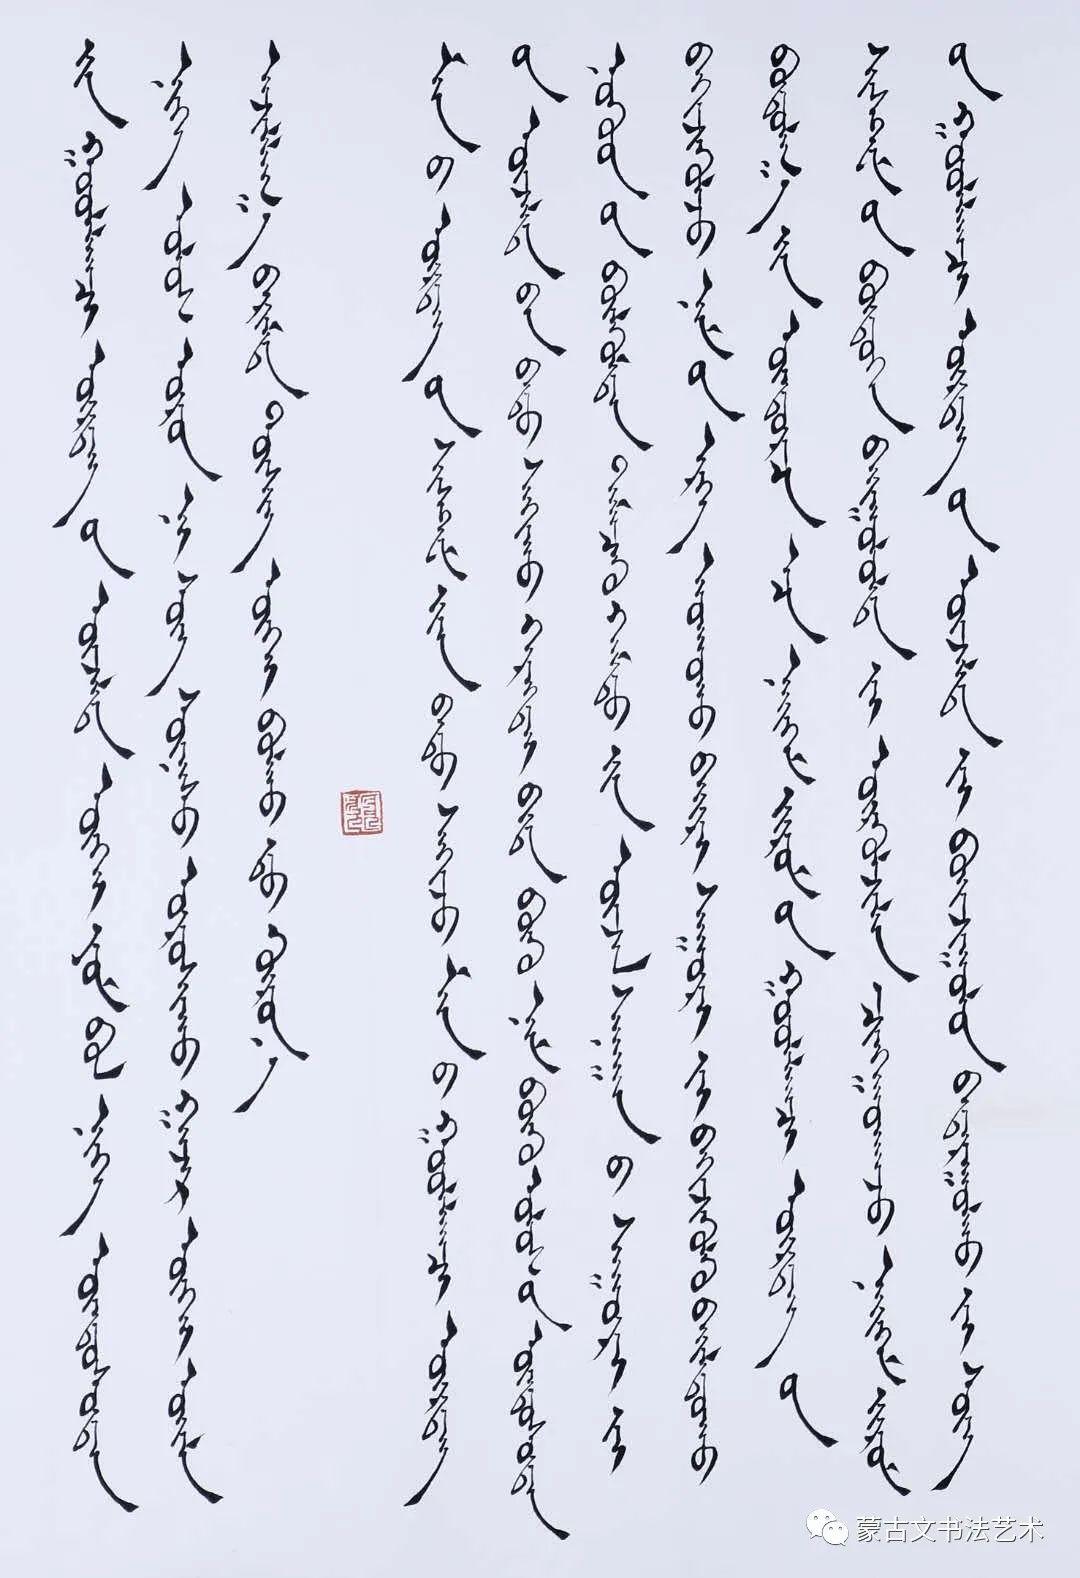 阿拉坦苏那嘎蒙古文书法 第8张 阿拉坦苏那嘎蒙古文书法 蒙古书法